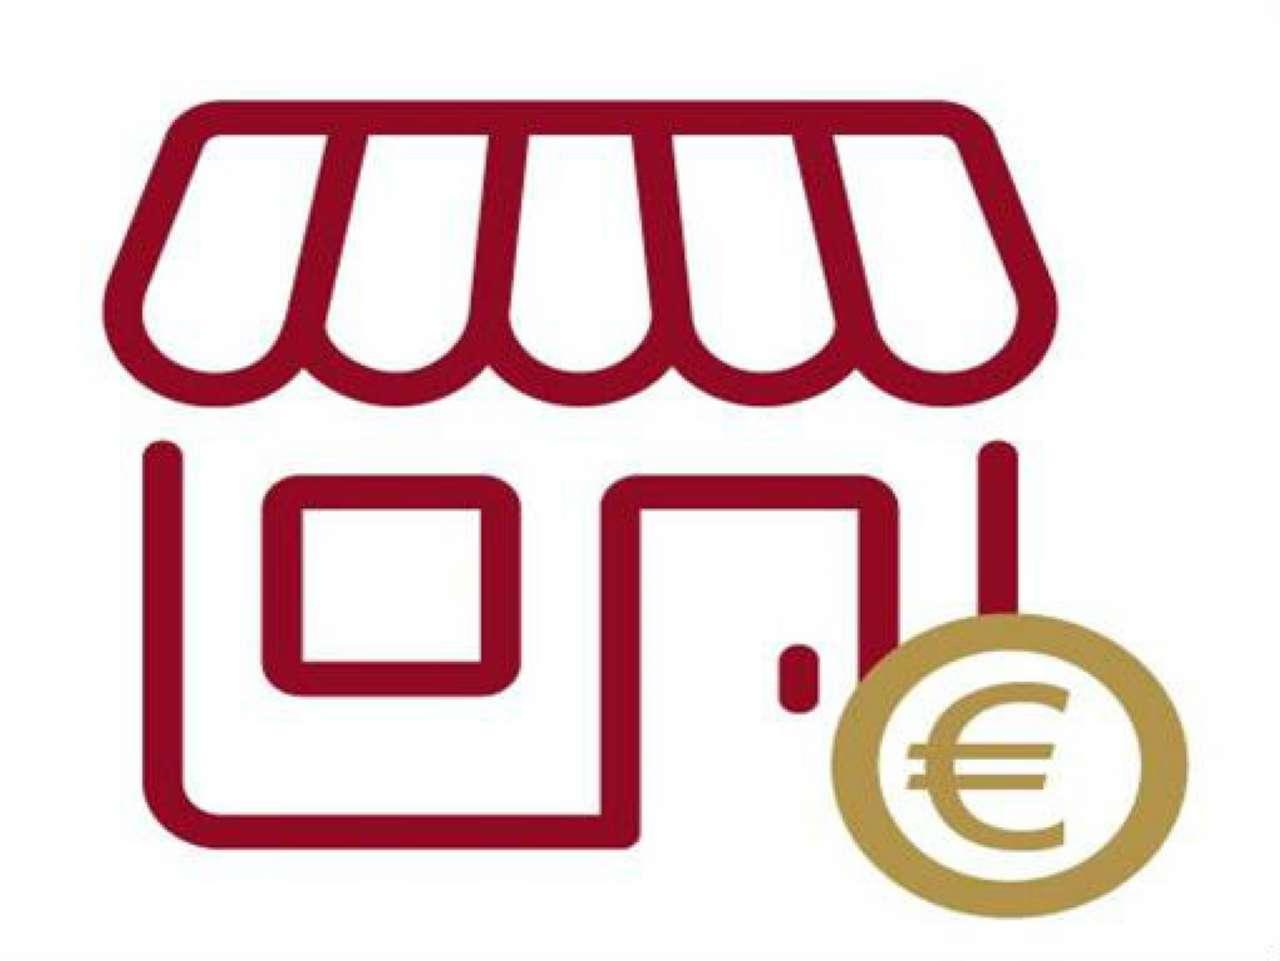 Negozio / Locale in vendita a Venezia, 9999 locali, zona Zona: 11 . Mestre, prezzo € 260.000 | CambioCasa.it